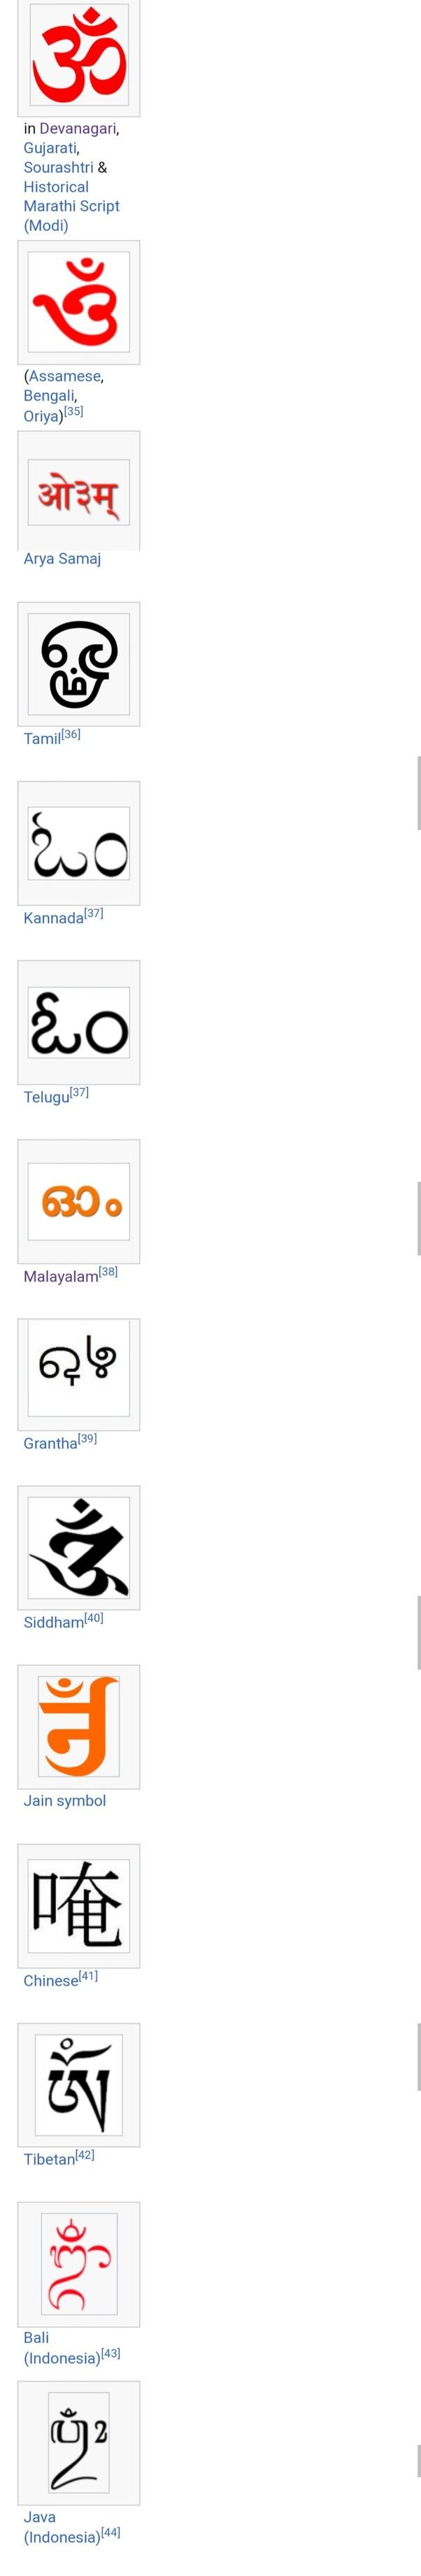 Does OM belong to Tamil or Sanskrit? - Quora